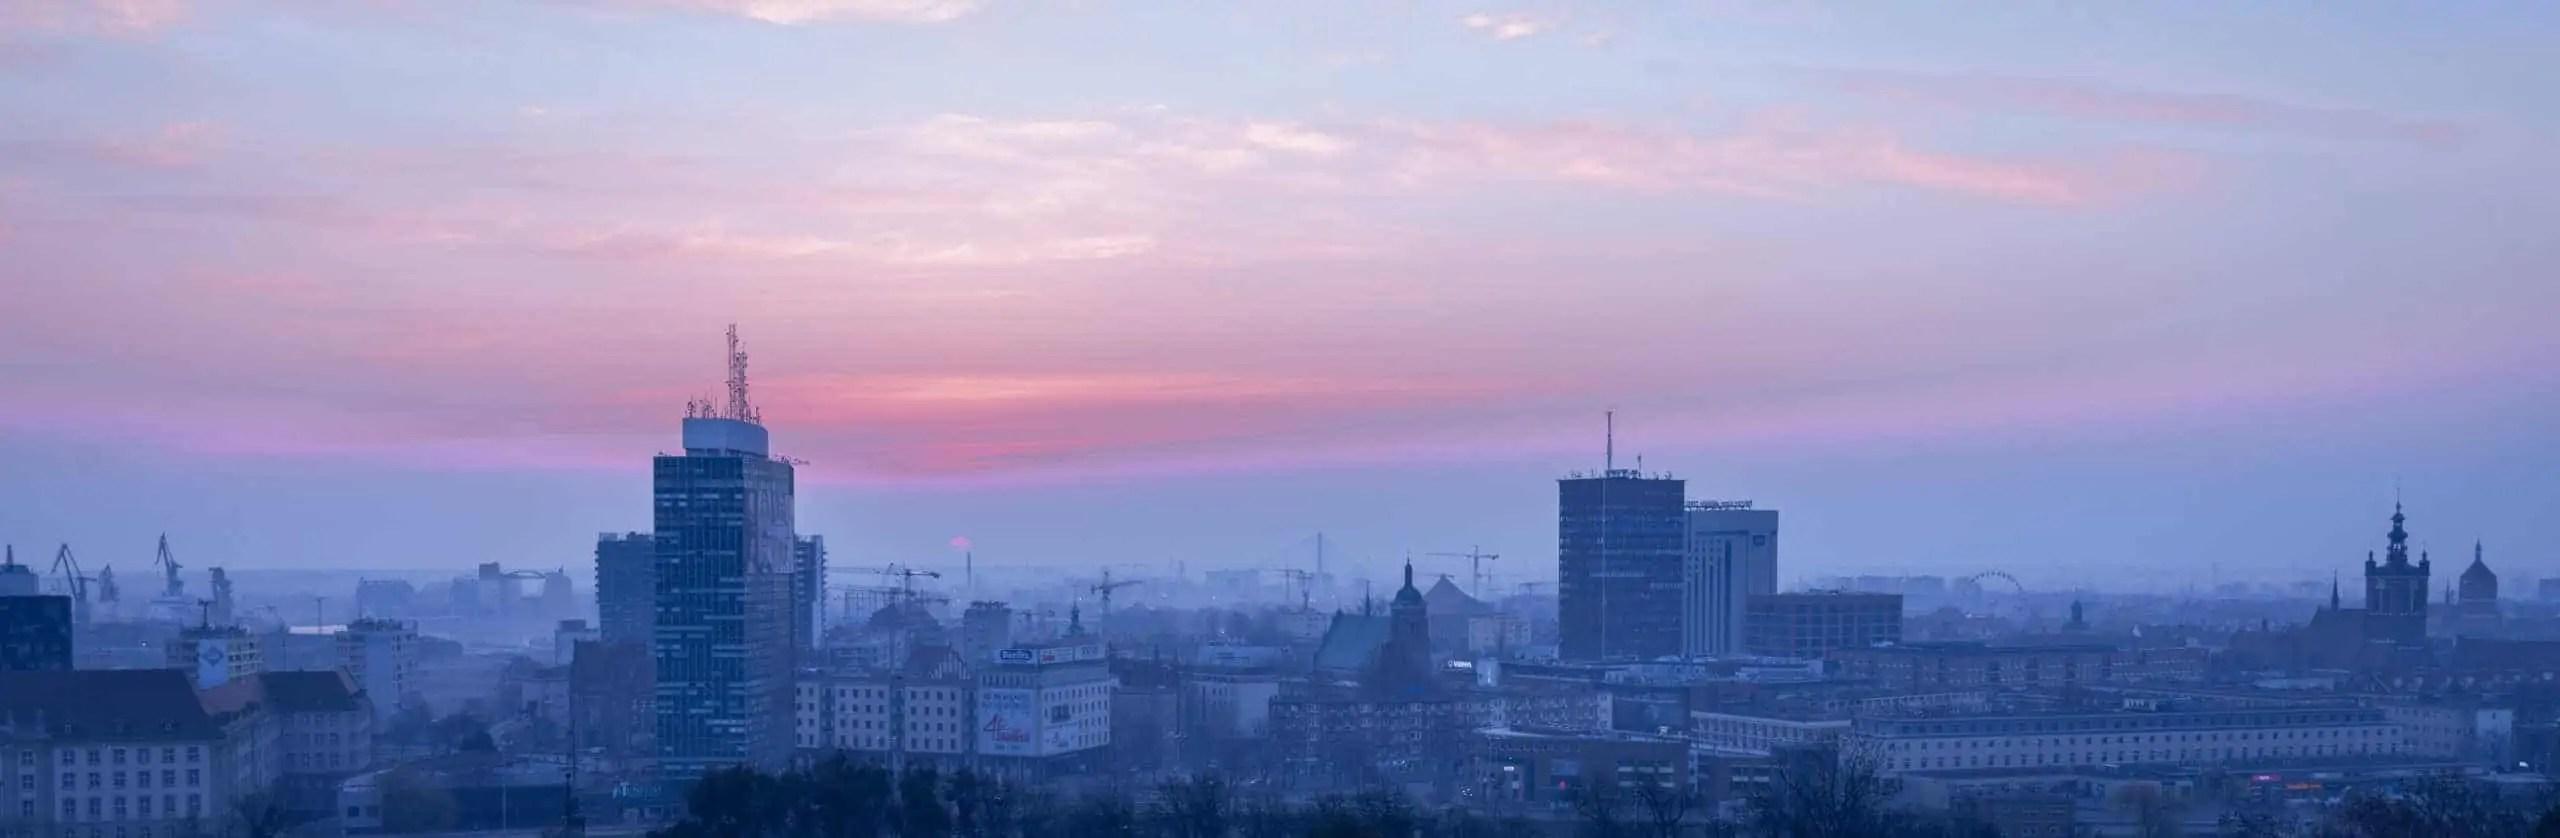 Wschód nad Gdańskiem pastelowe presety do lightroom Blue dabadee - Pastelowe presety do lightrooma - cała wiedza i ponad 7 filtrów